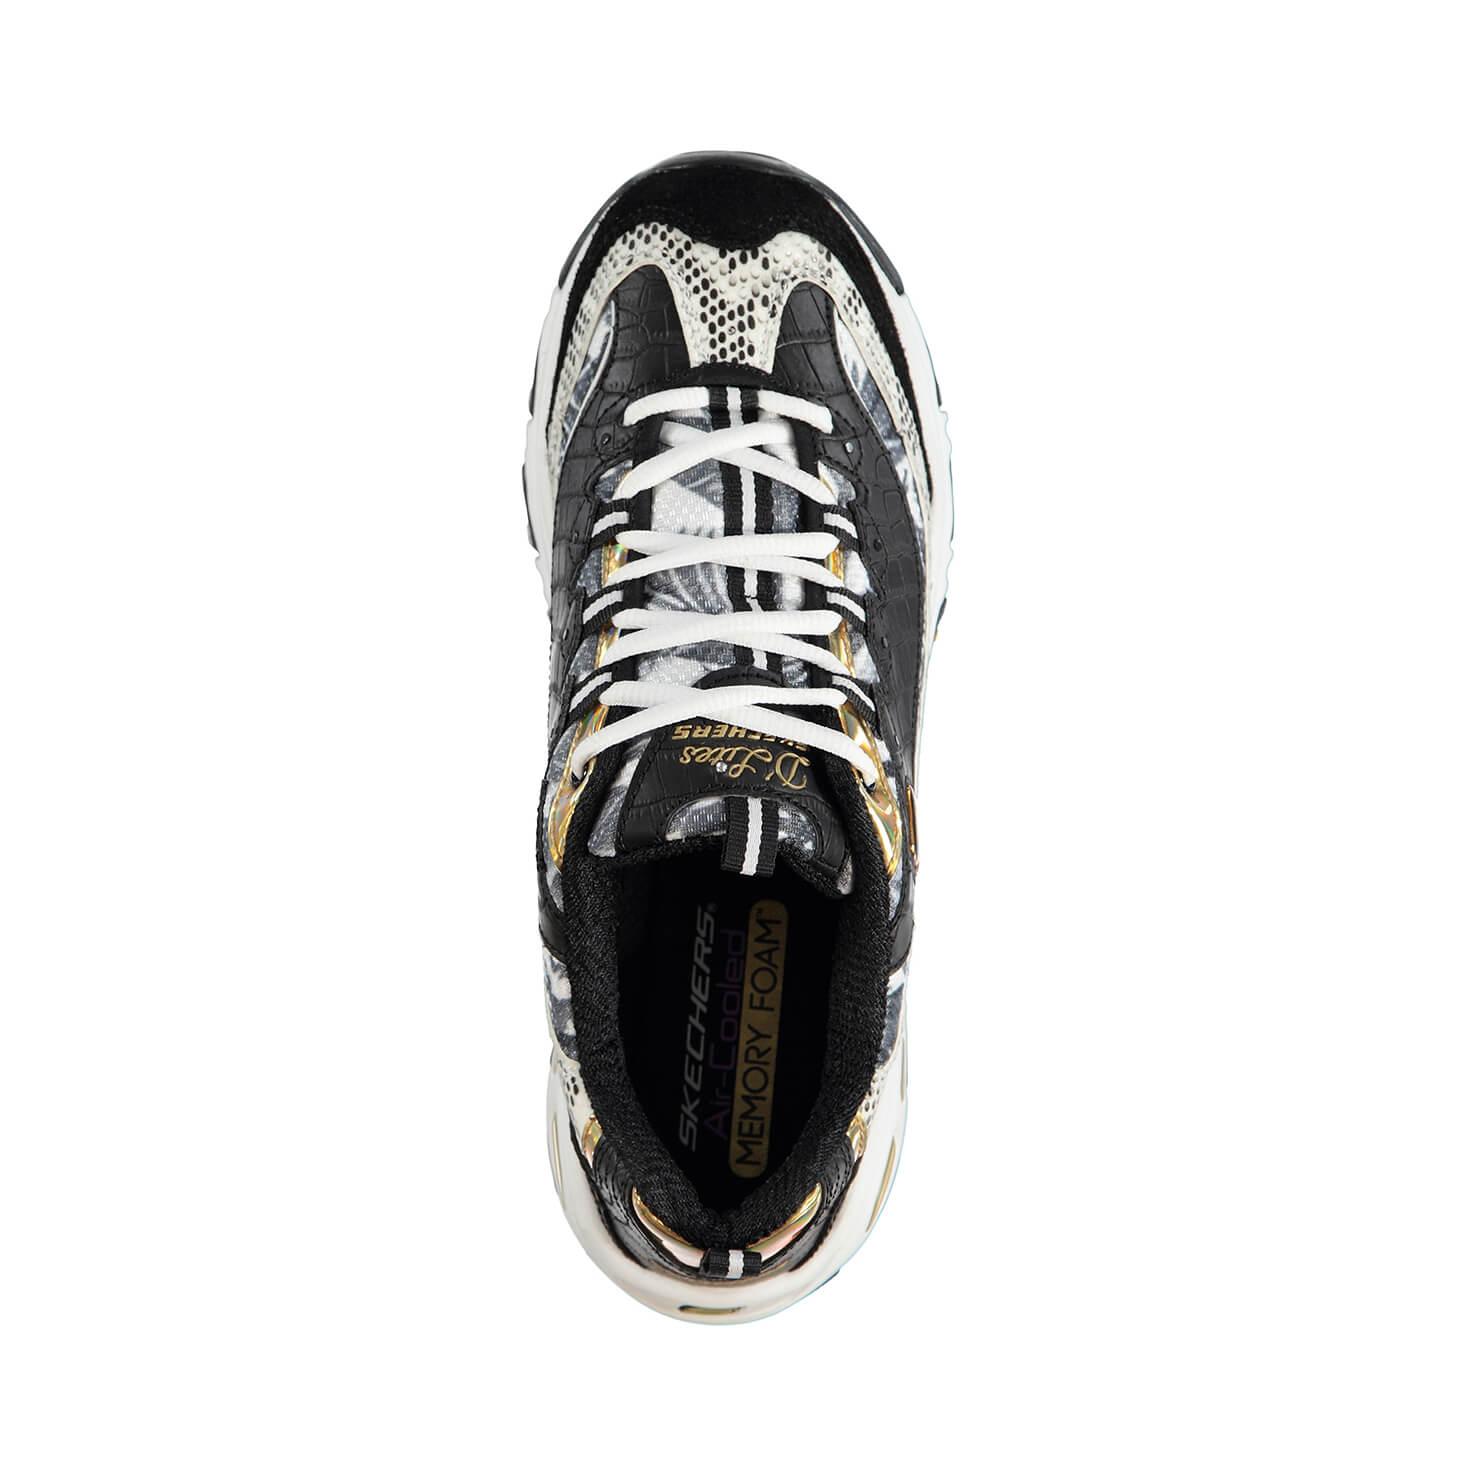 Skechers D'Lites-Runway Ready Kadın Gri - Siyah Spor Ayakkabı